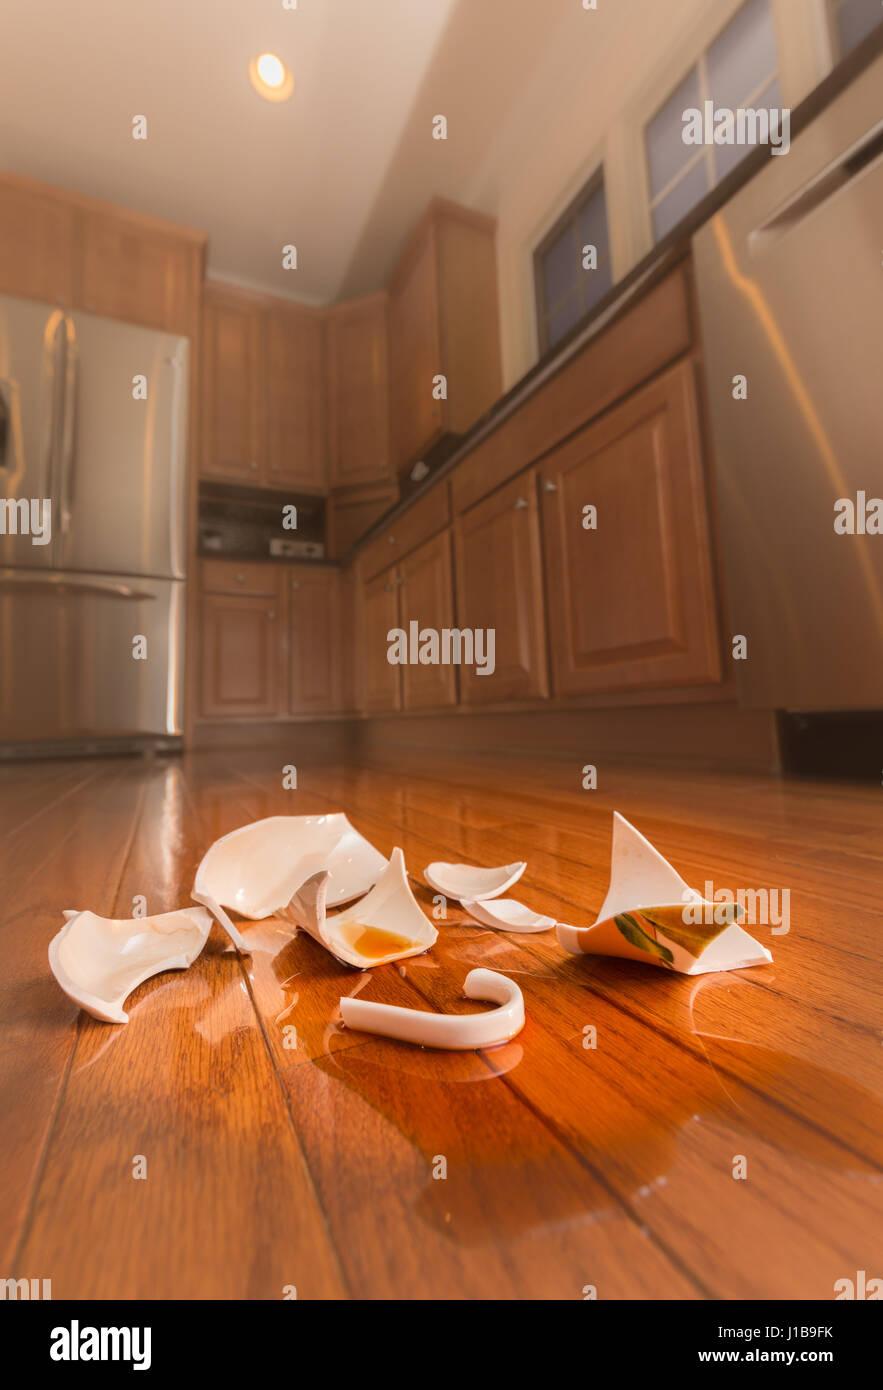 Rotura de la taza de café en el piso de la cocina moderna - concepto de violencia doméstica Imagen De Stock